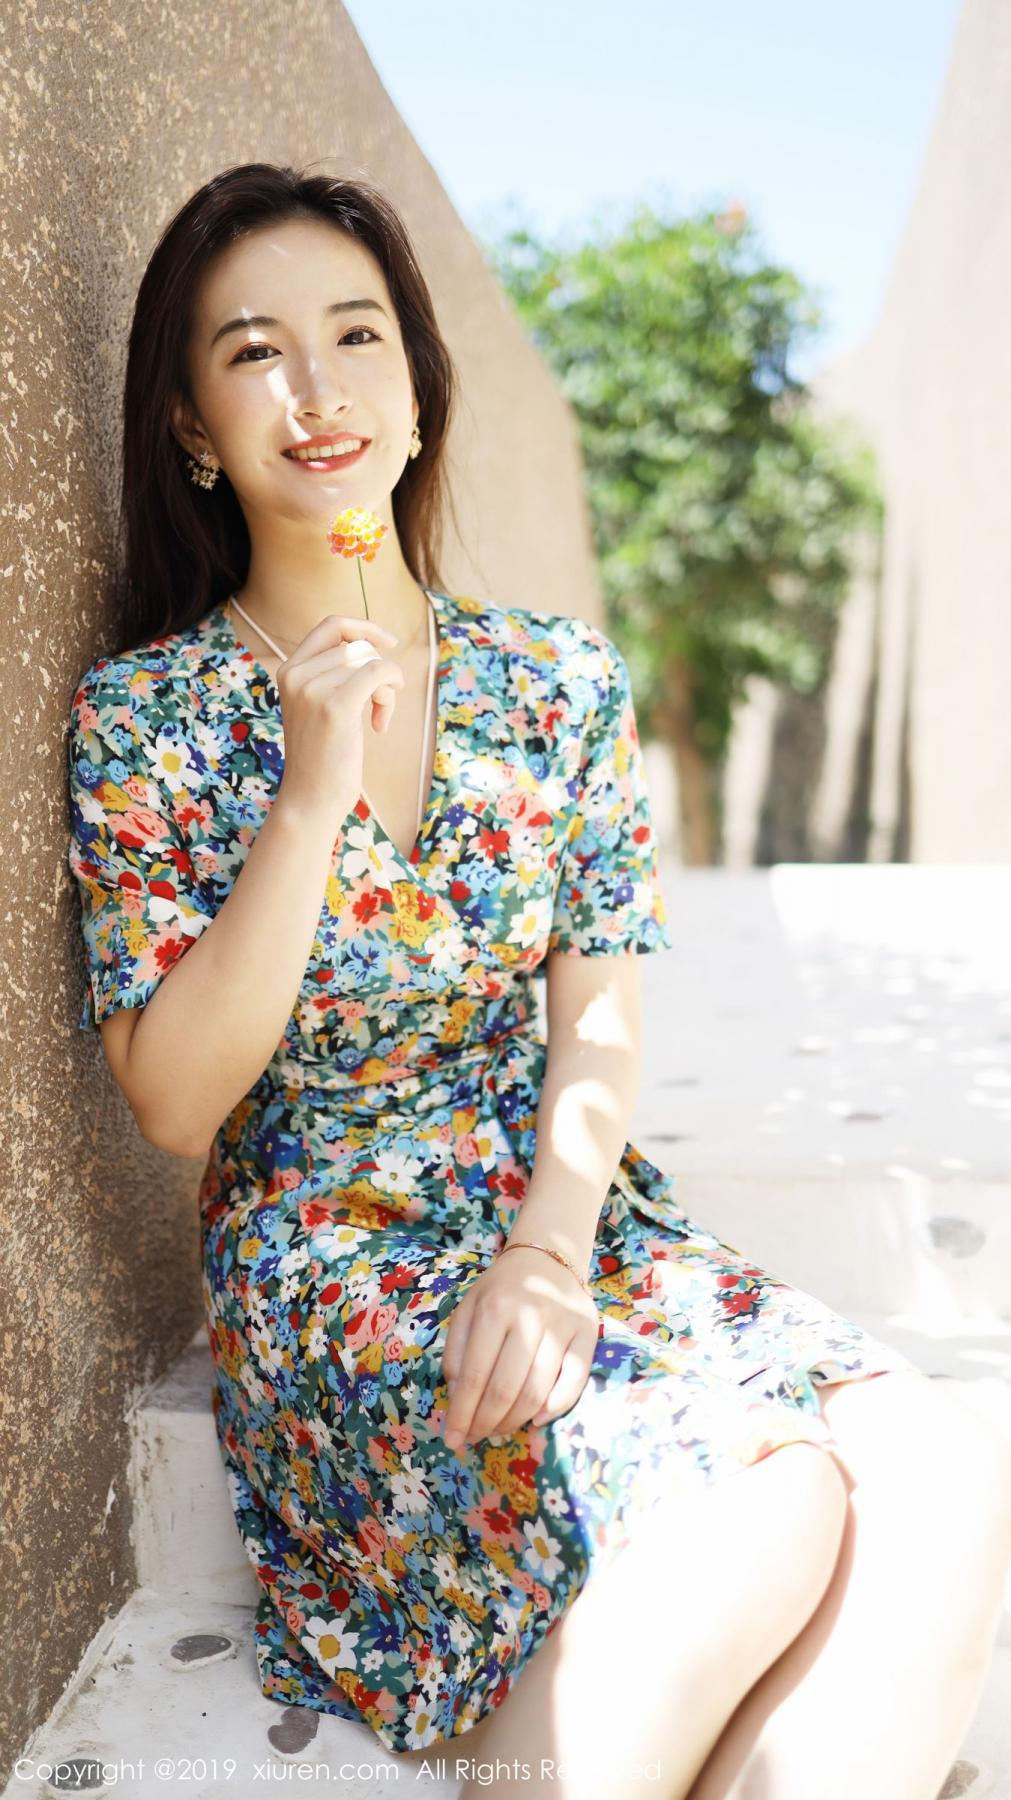 [XiuRen] Vol.1641 Gong Tian Yi 3P, Gong Tian Yi, Pretty, Temperament, Xiuren